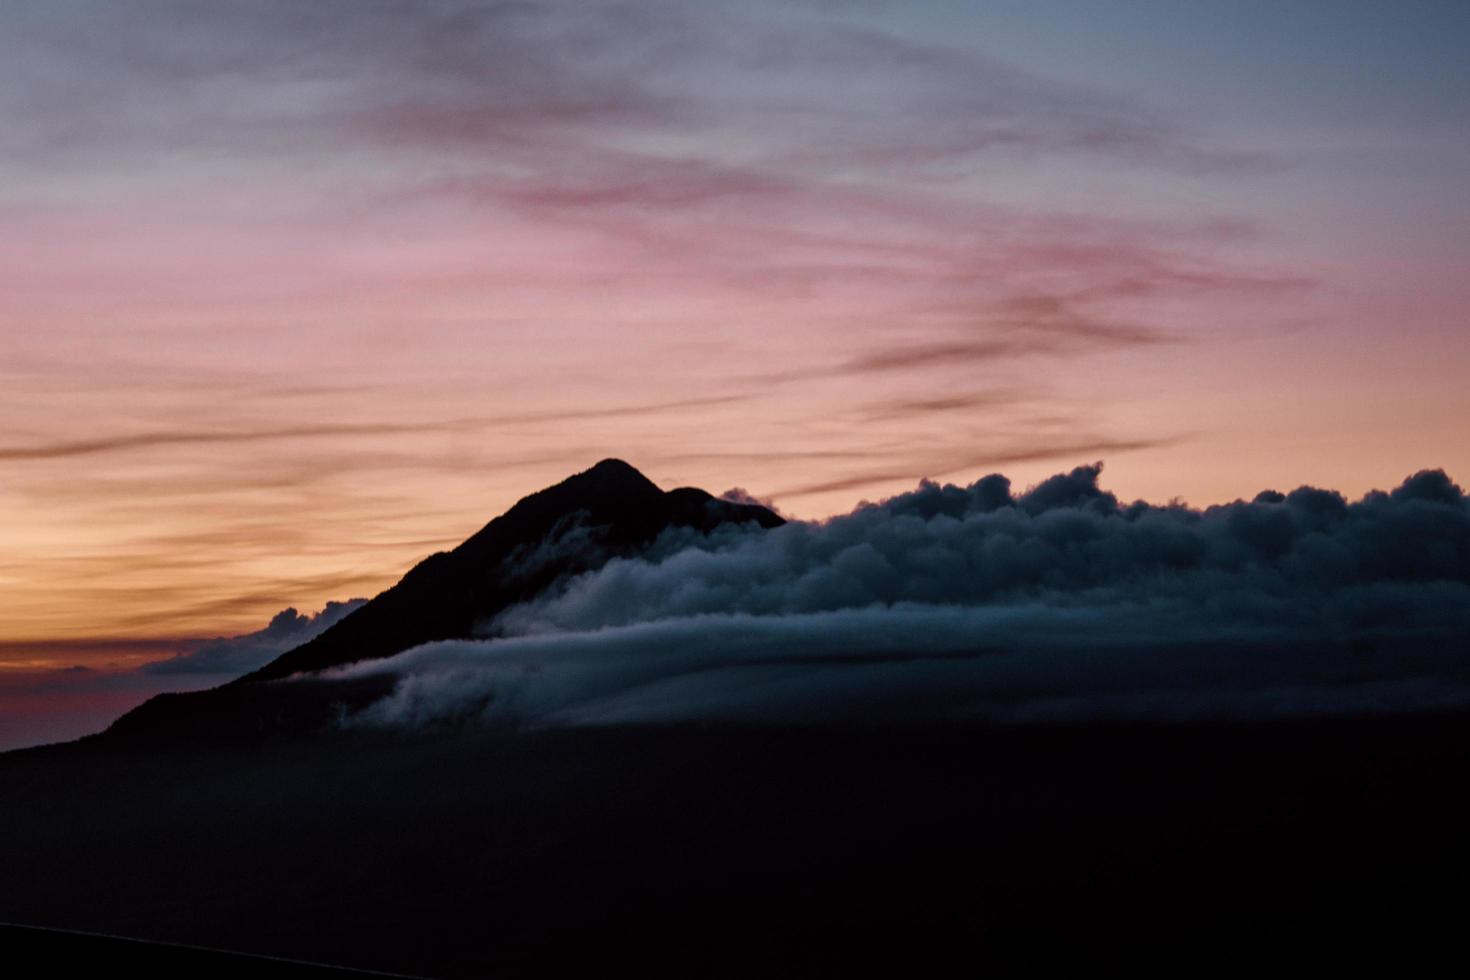 nuages couvrant une montagne photo